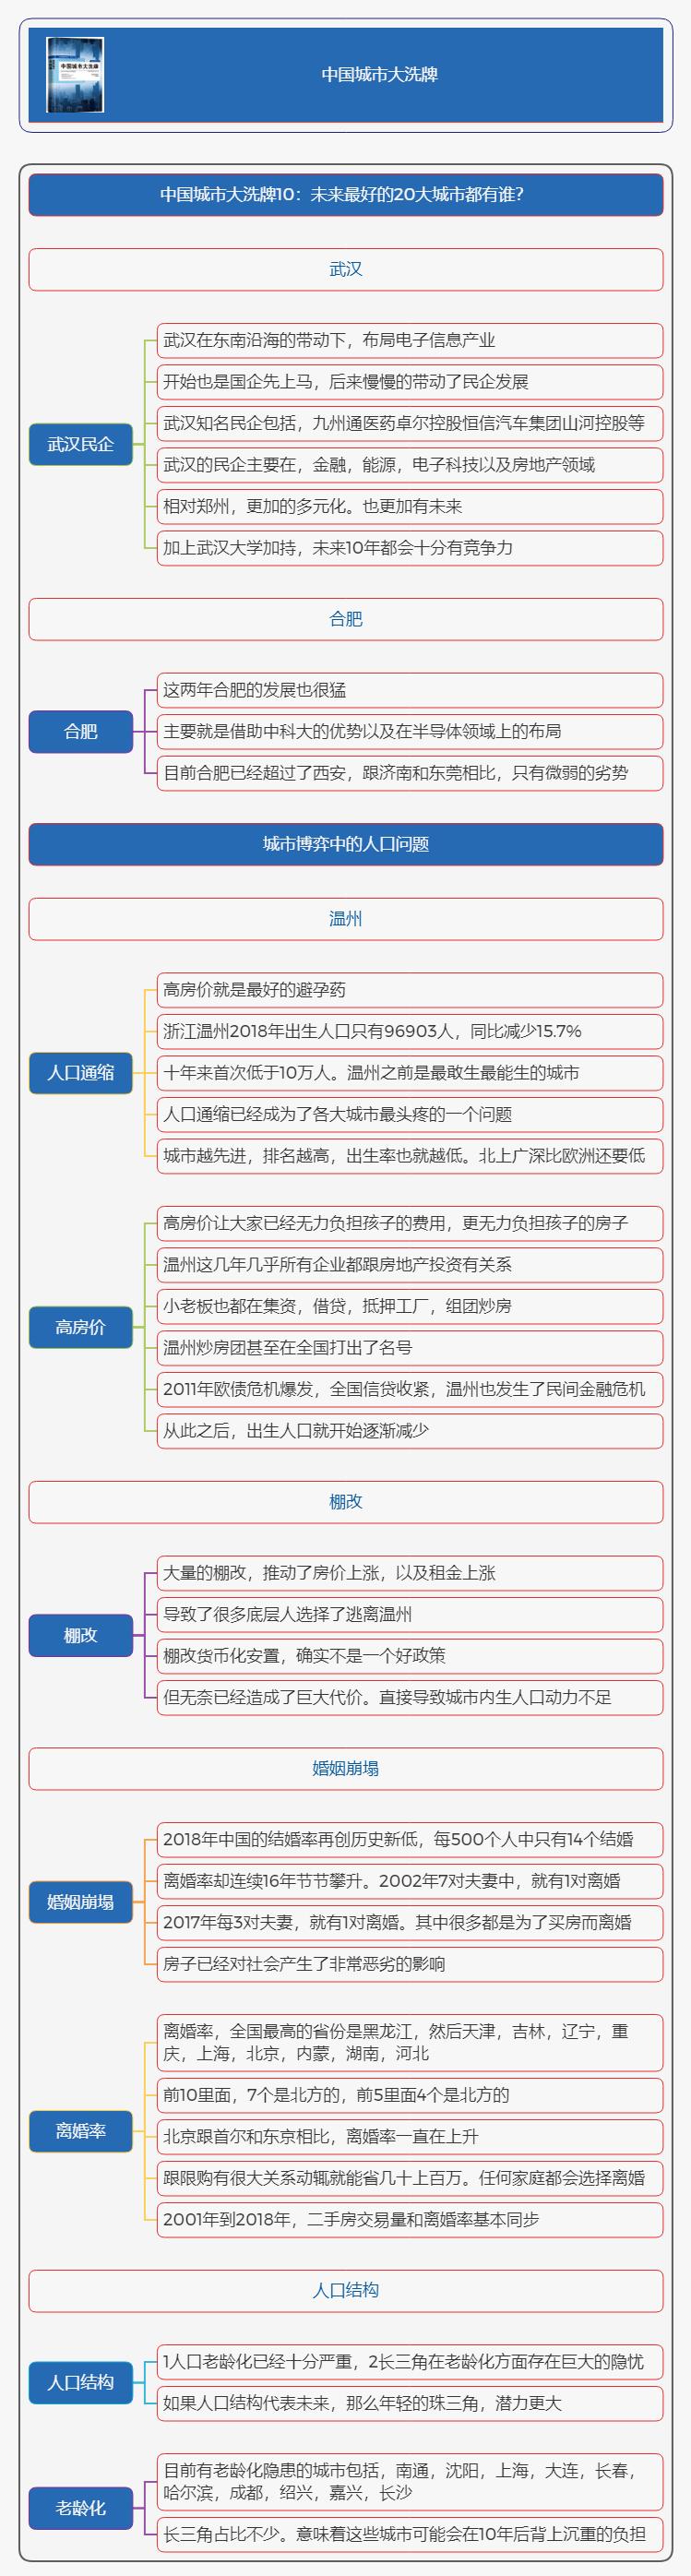 《中国城市大洗牌》读书笔记和读后感